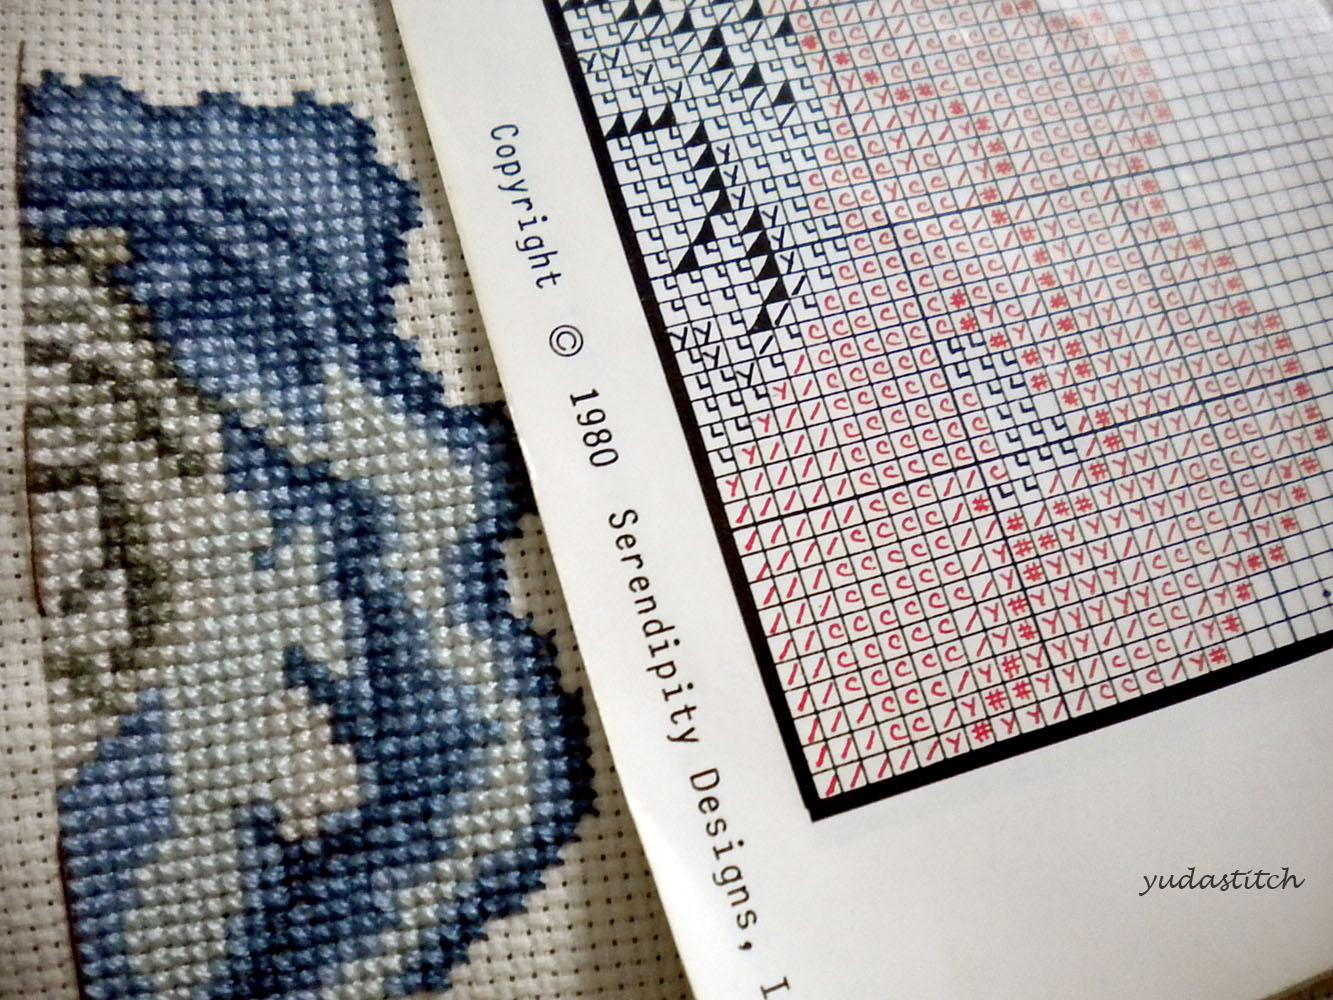 yuda stitch